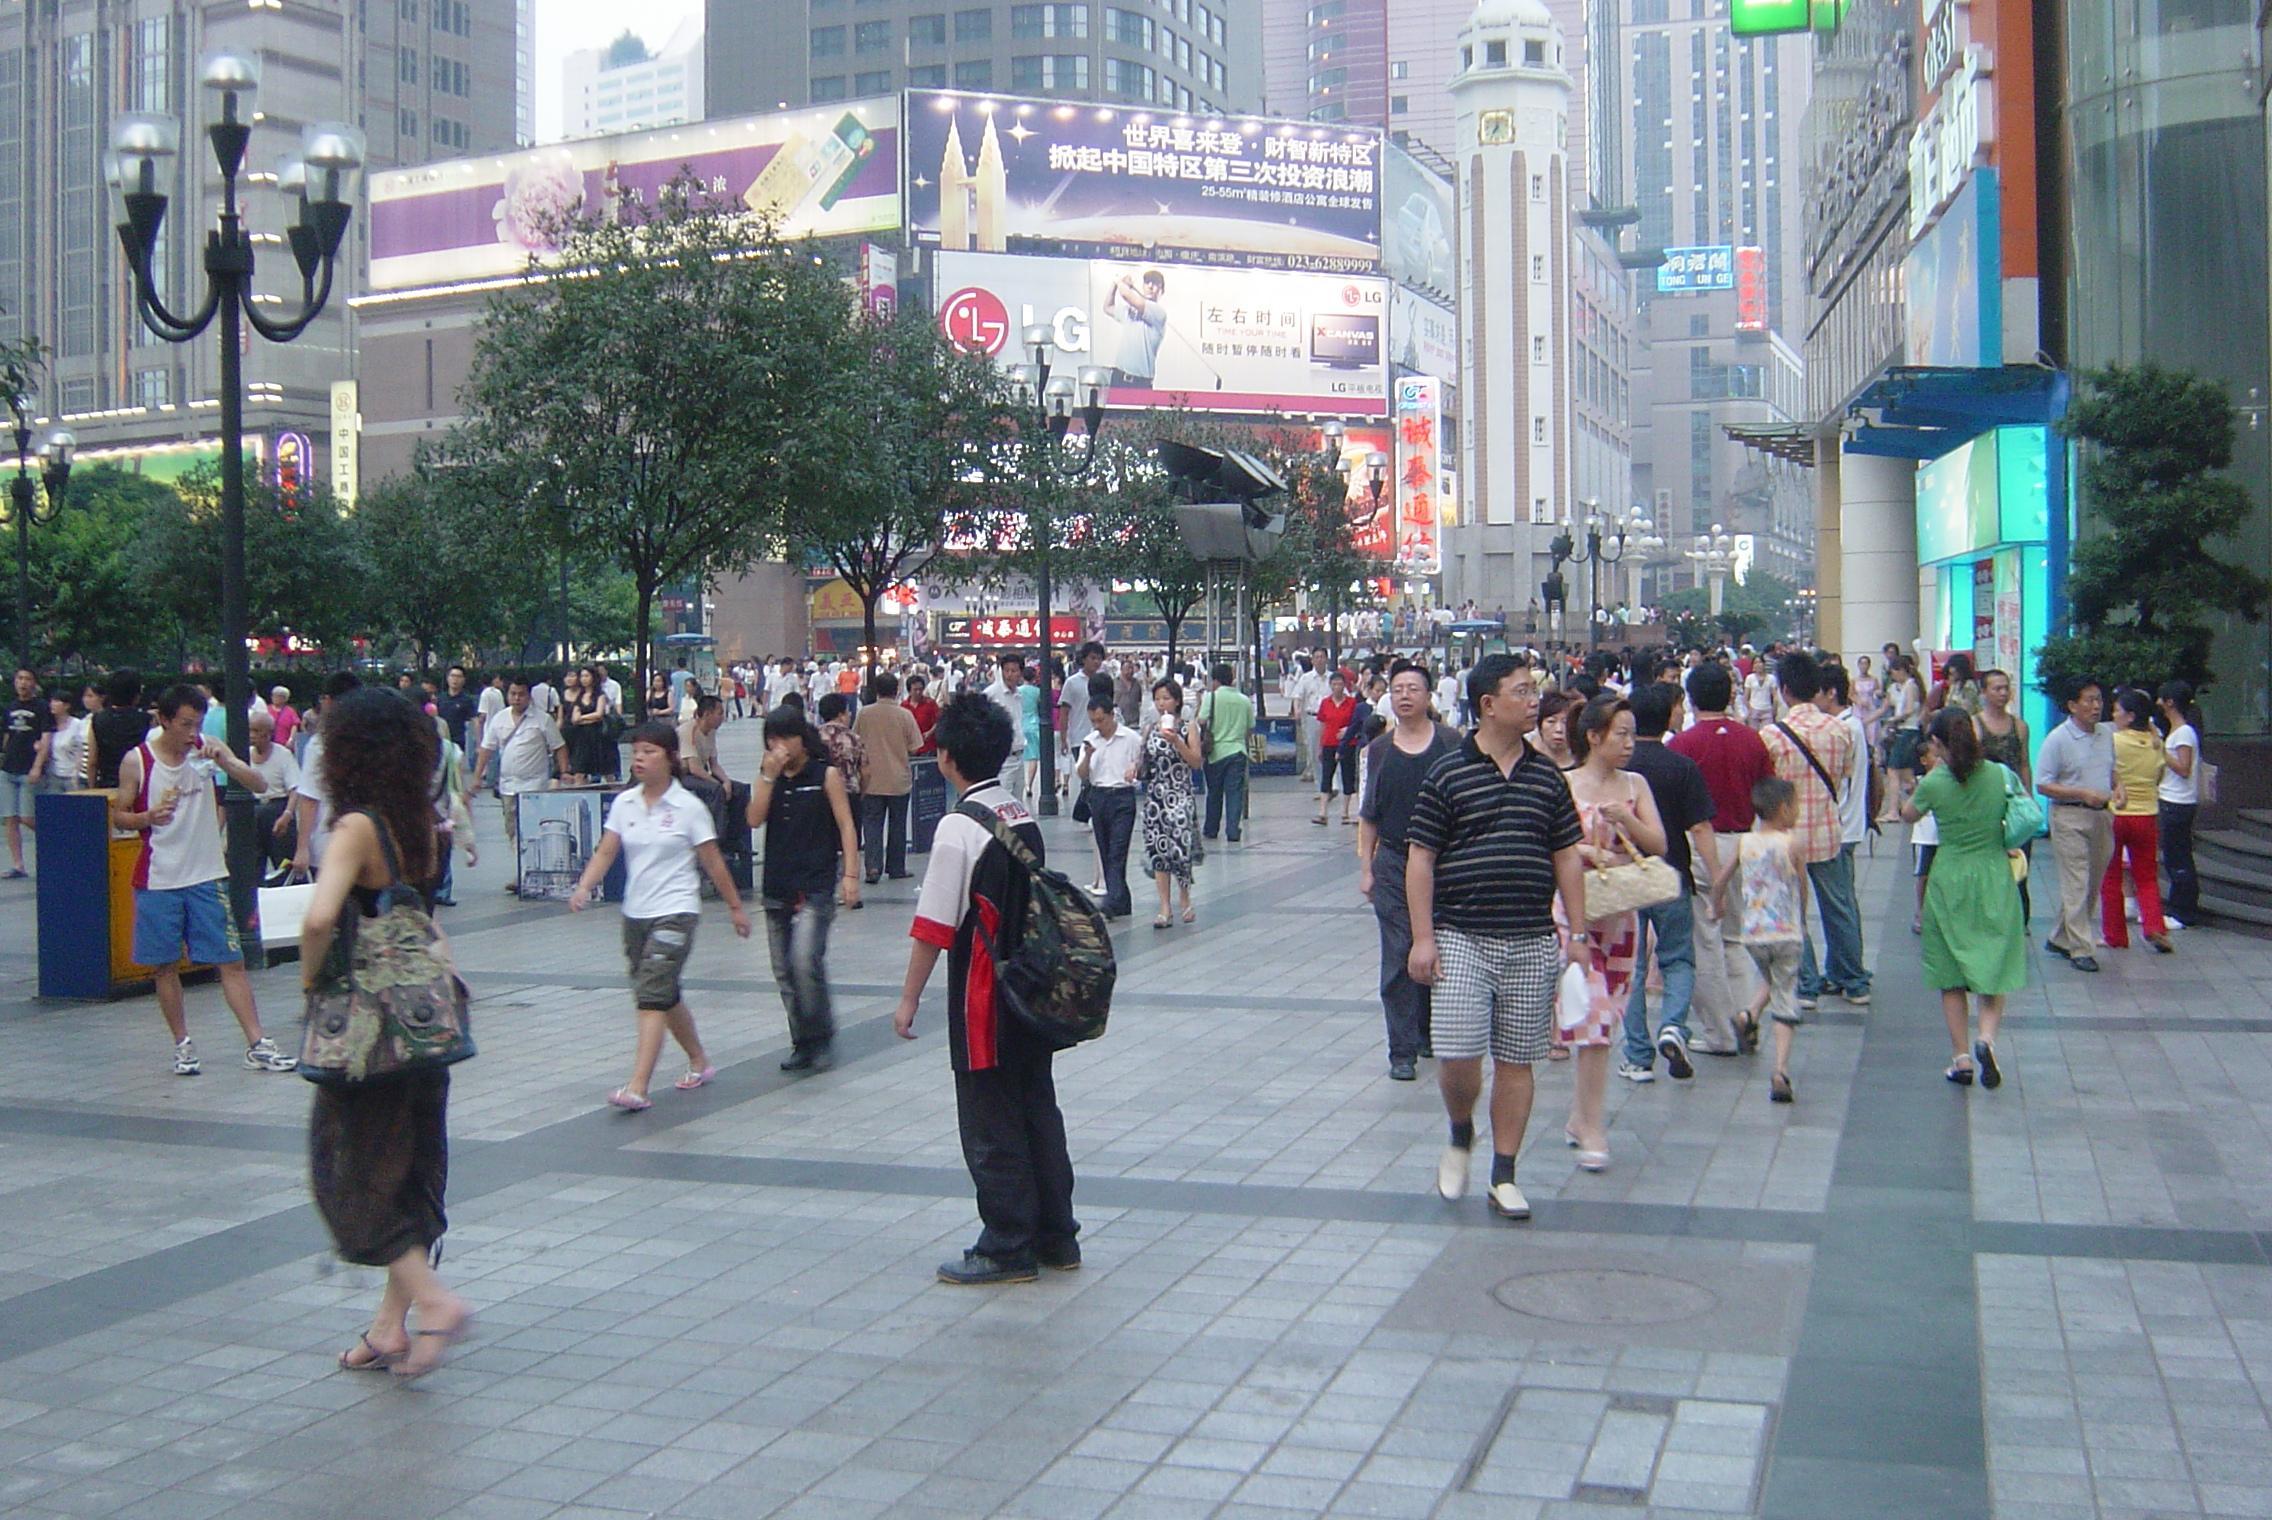 Kina står bak mest ondartet trafikk på nett. Her er et bilde fra millionbyen Chongqing.Foto: Chen Hualin / Wikimedia Commons